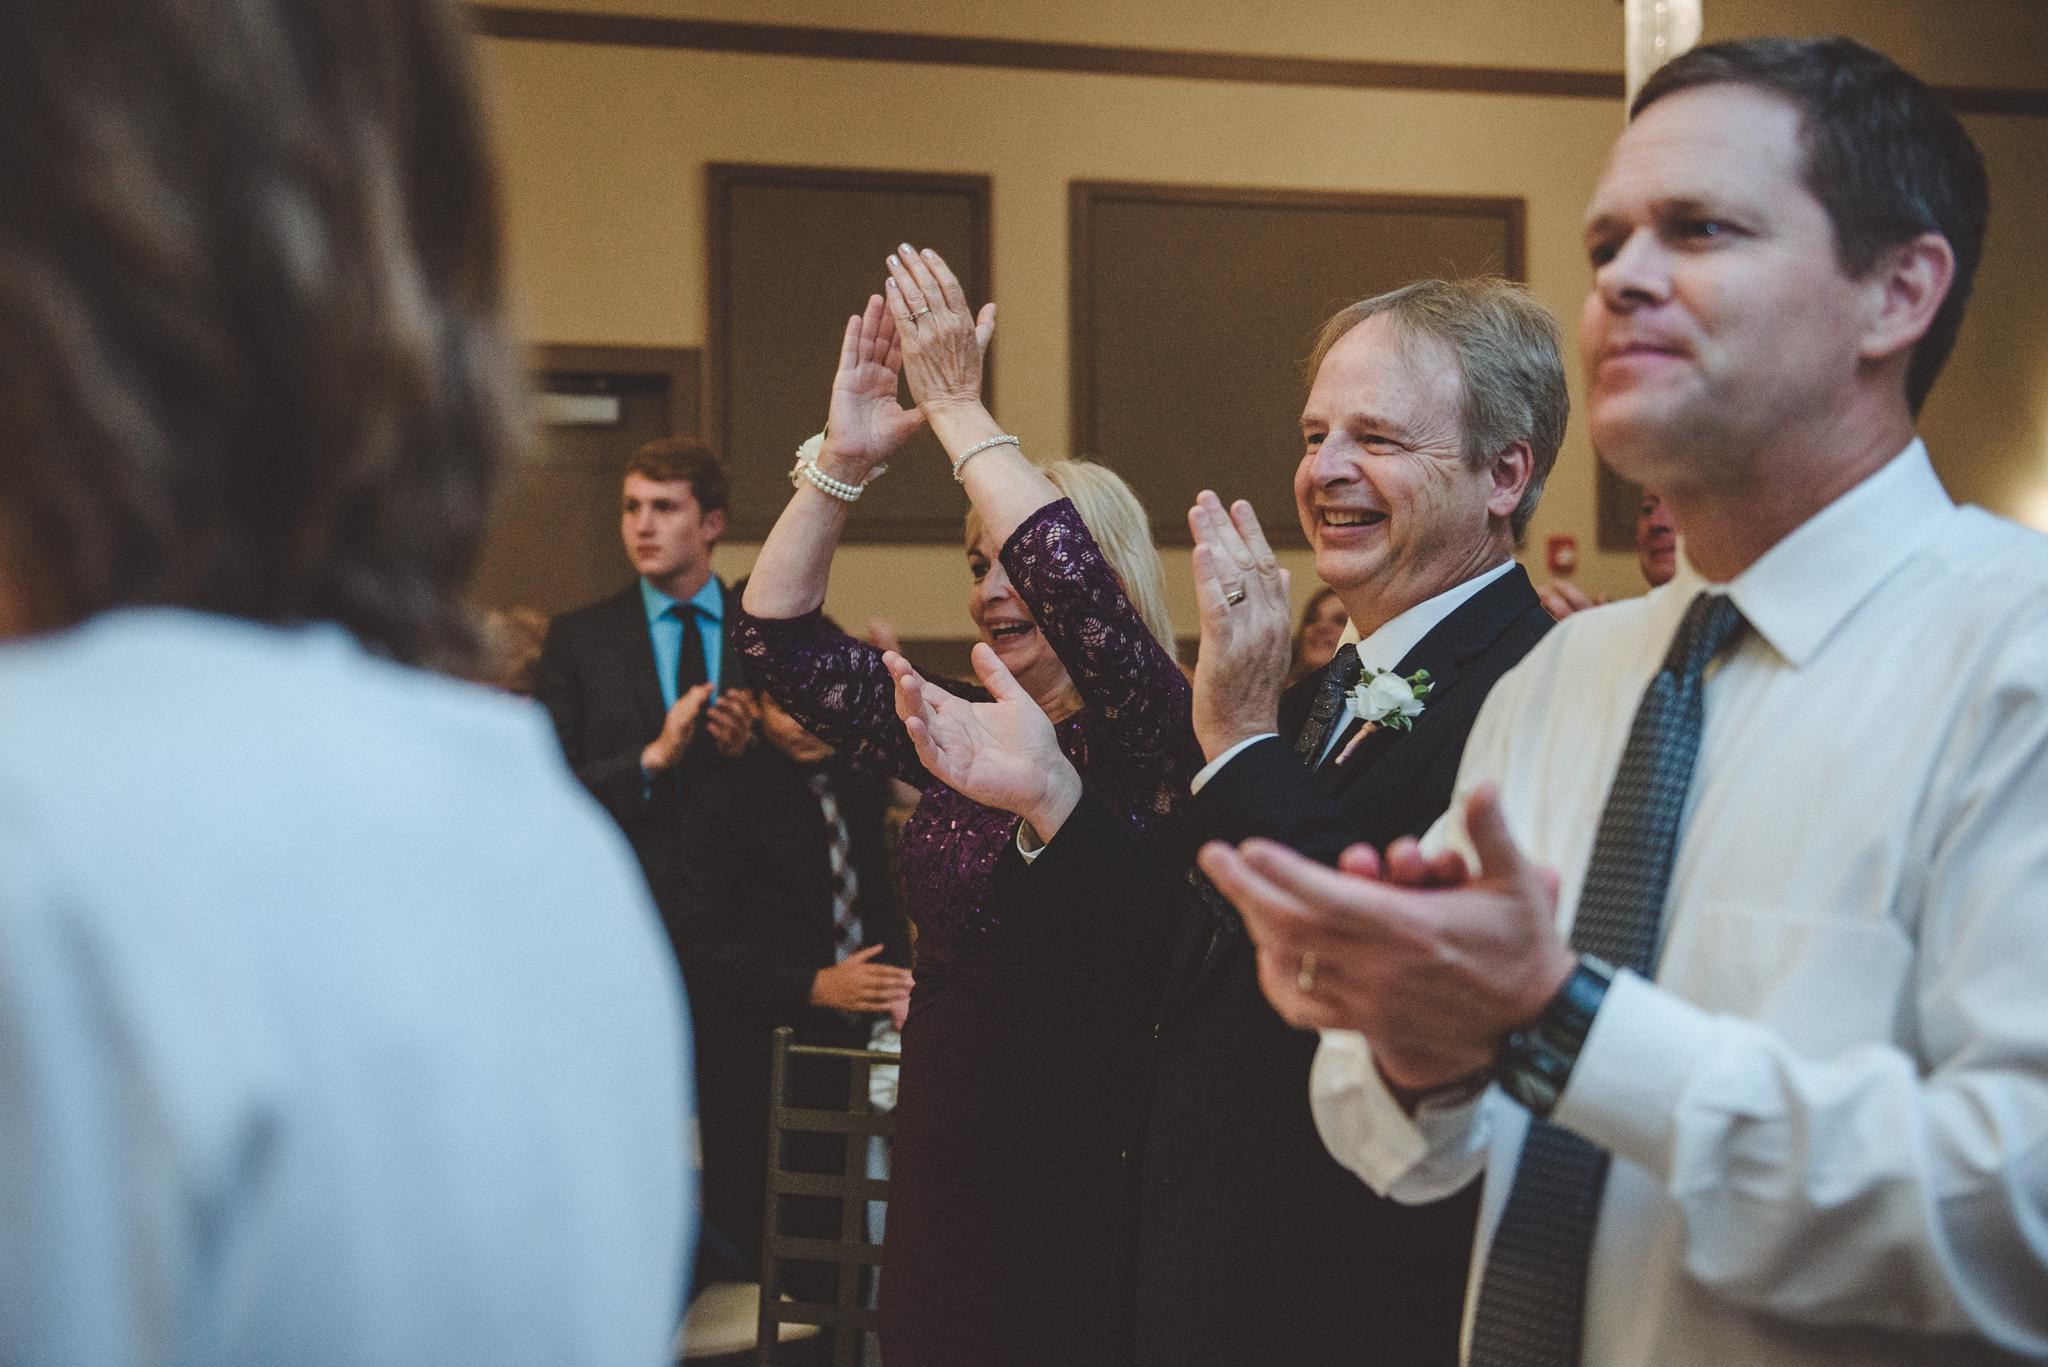 noahs_event_venue_naperville_IL_wedding_photographer_0058.jpg